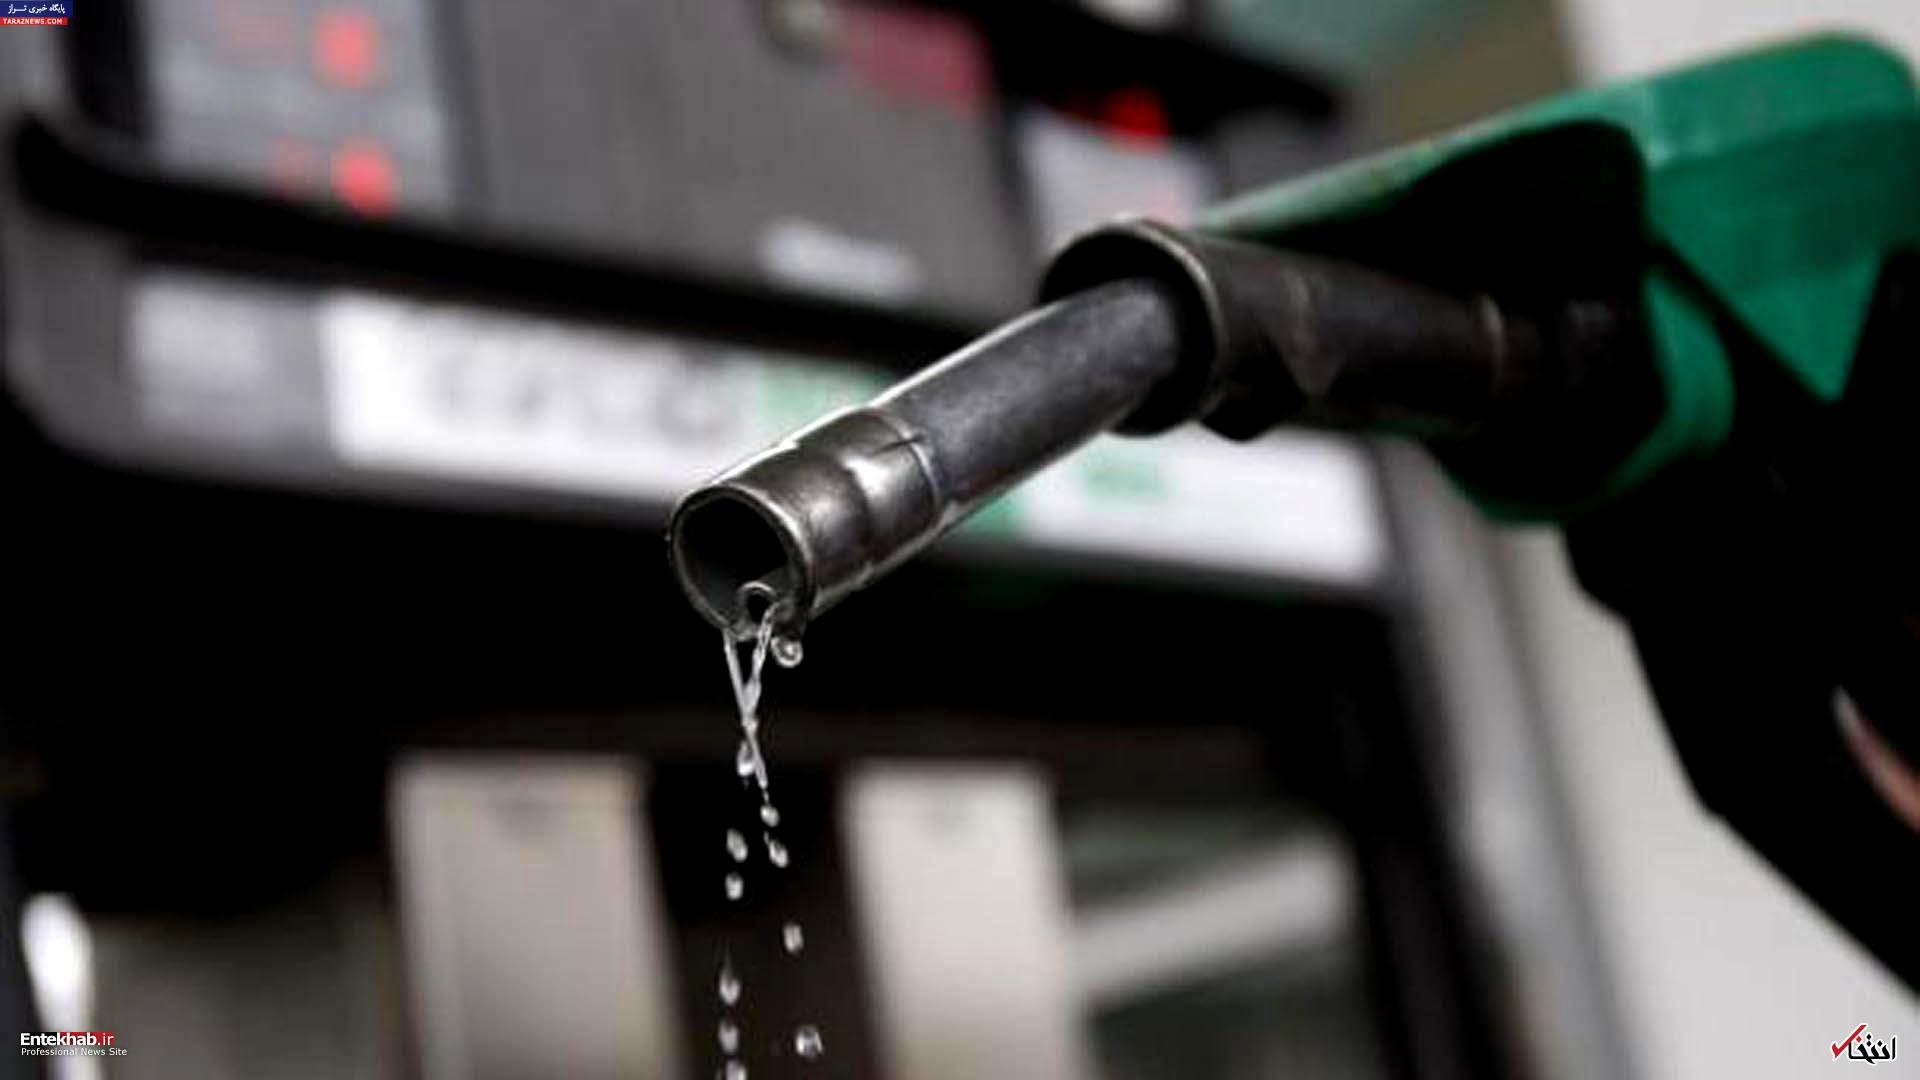 مصرف بنزین رکورد زد / ایرانیان در آخرین روز کاری سال بیش از ۱۱۵ میلیون لیتر سوزاندند